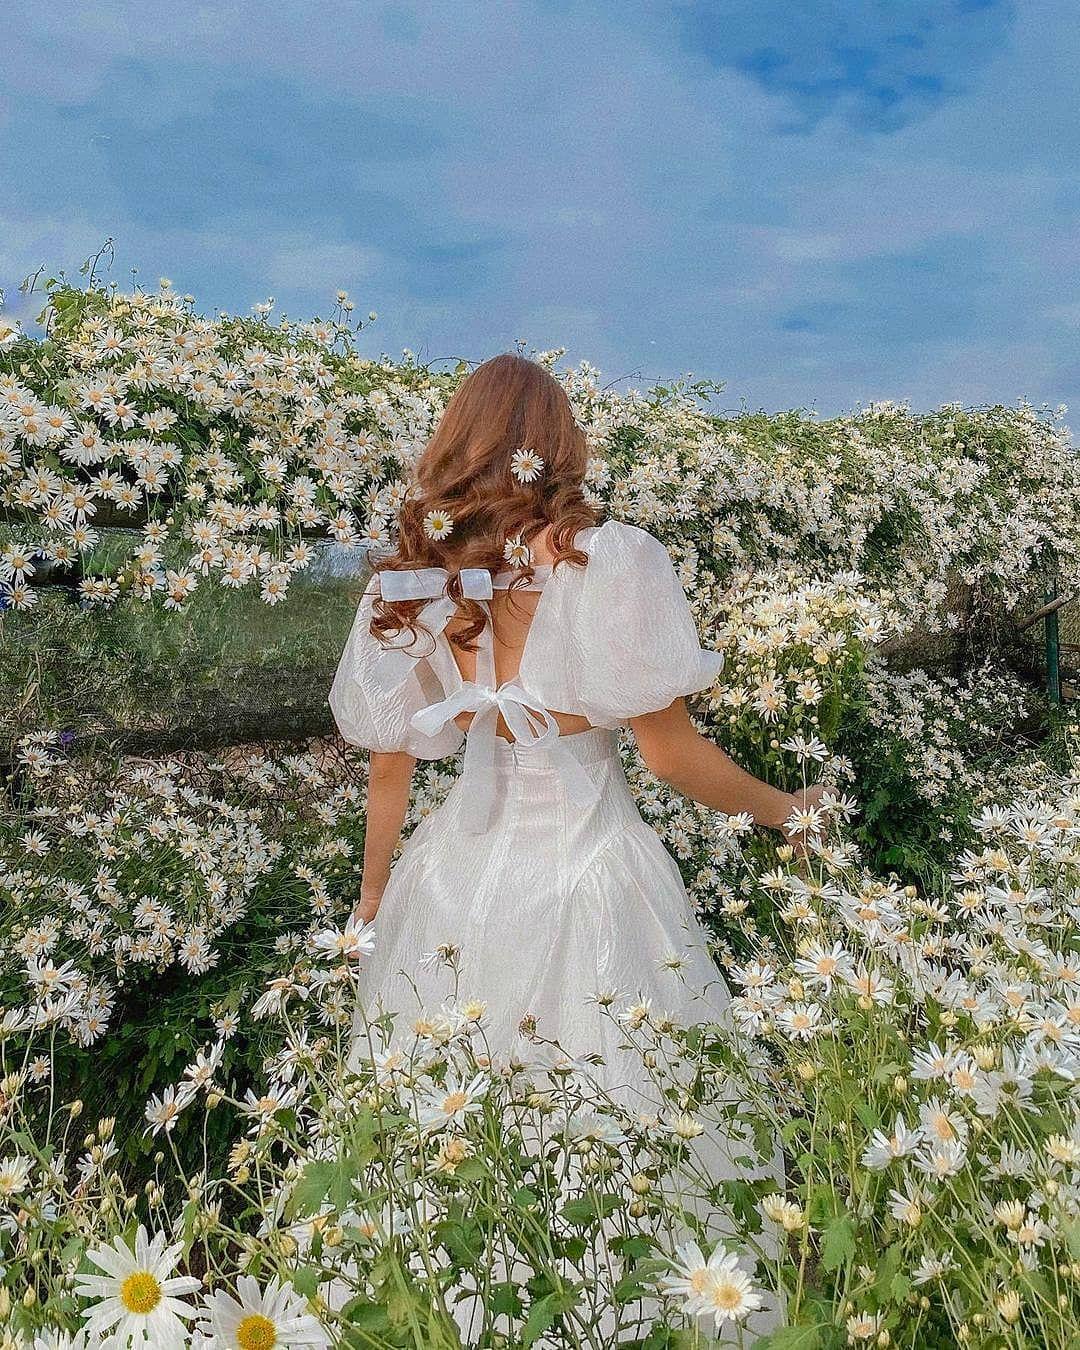 """dep toi """"hon xieu phach lac"""" vuon cuc hoa mi trangtinh khoi it nguoi biet o ha noi - anh 26"""